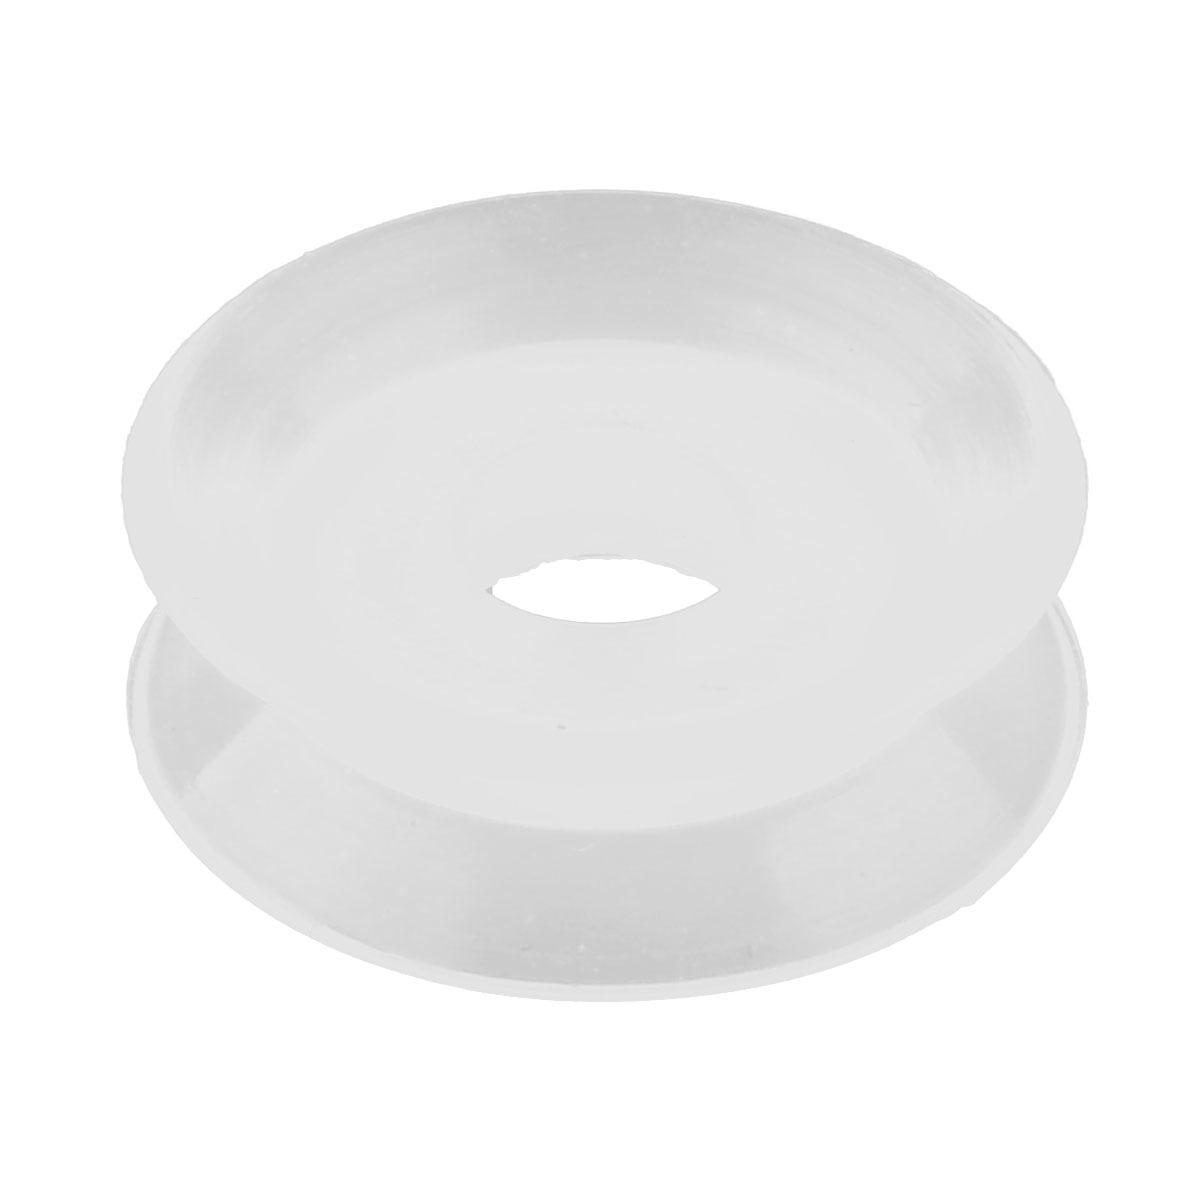 10 Set Electrical Power Pressure Cooker Valve Parts Float Sealer Seal Rings Safe